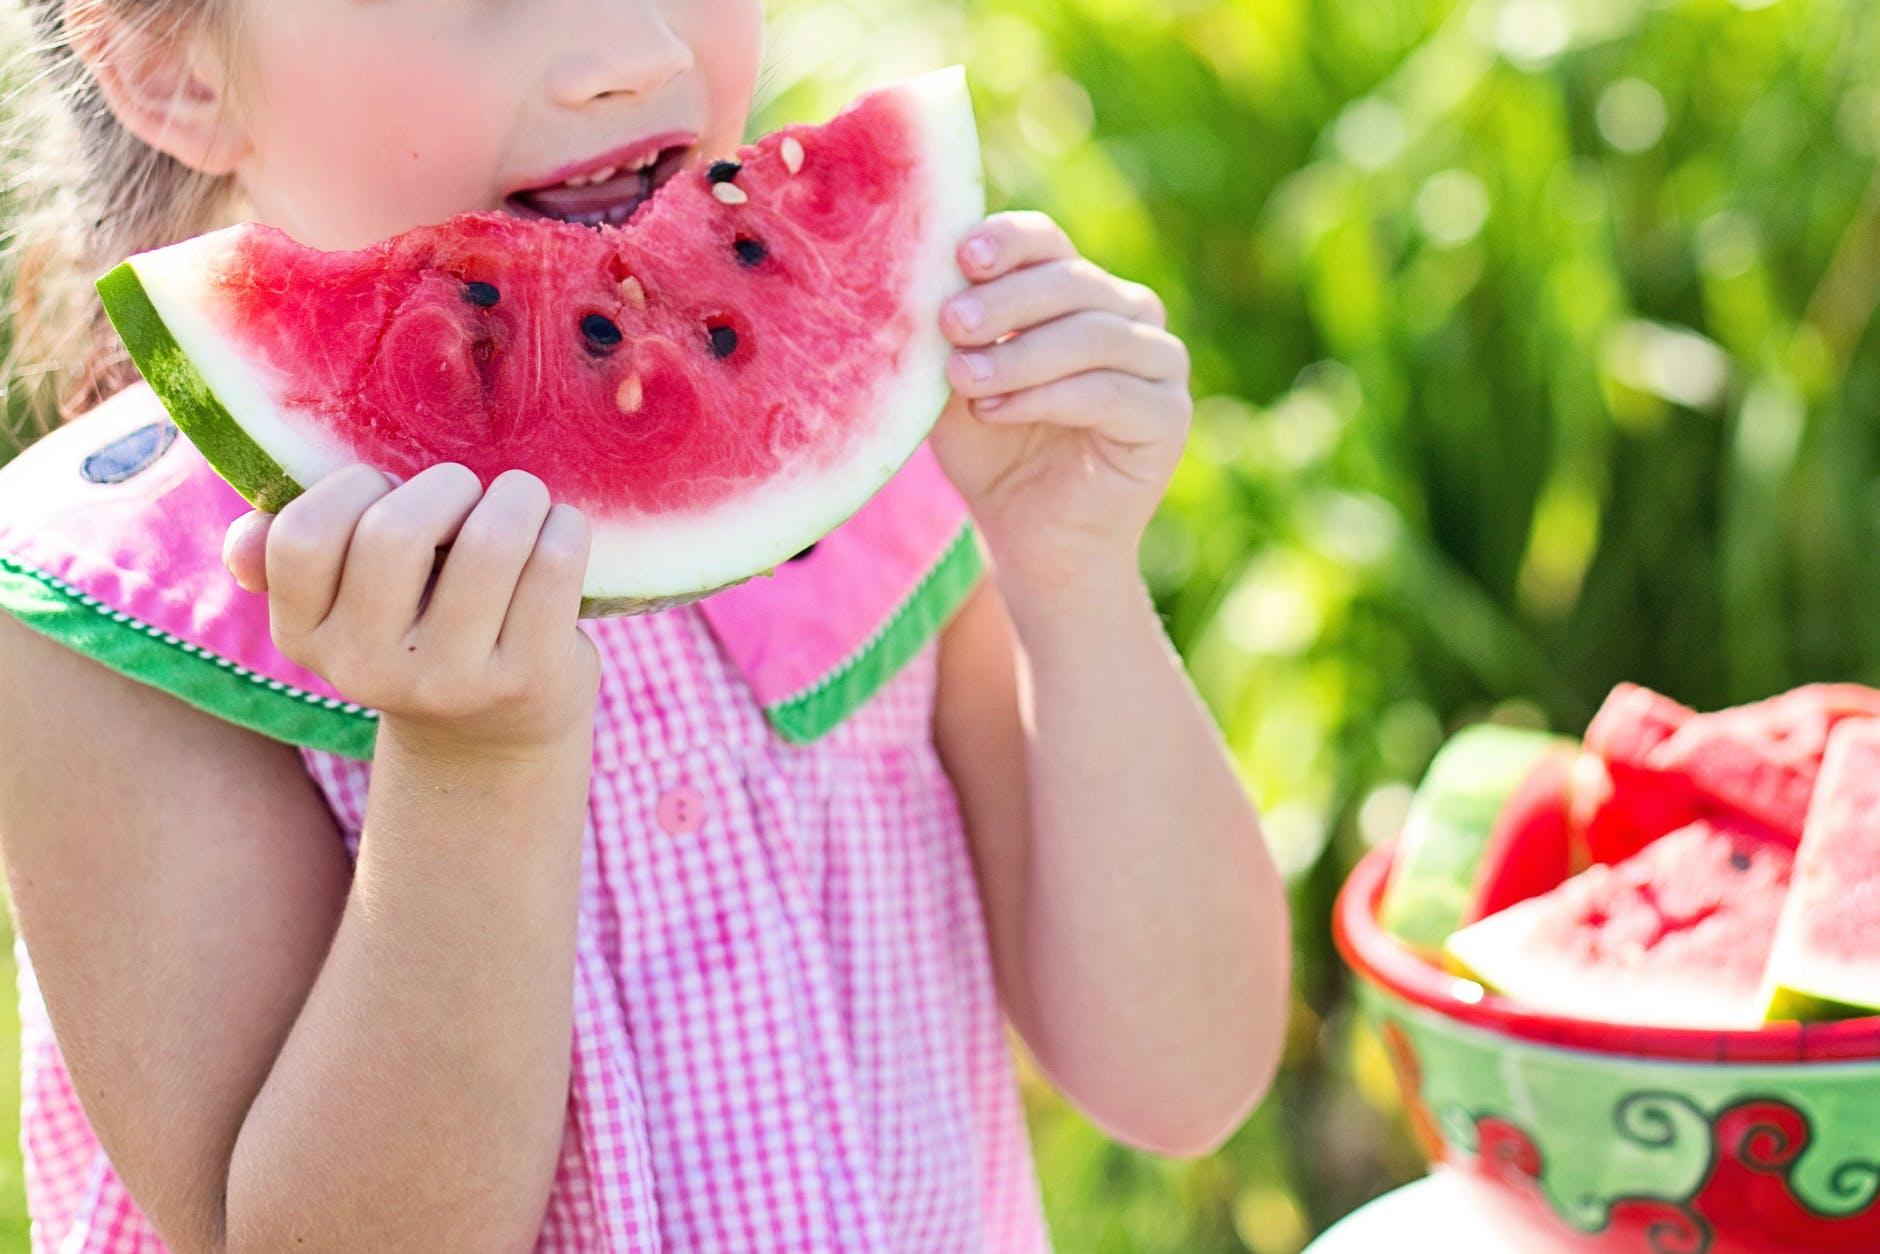 Los alimentos infantiles pueden no proporcionar los niveles adecuados de micronutrientes